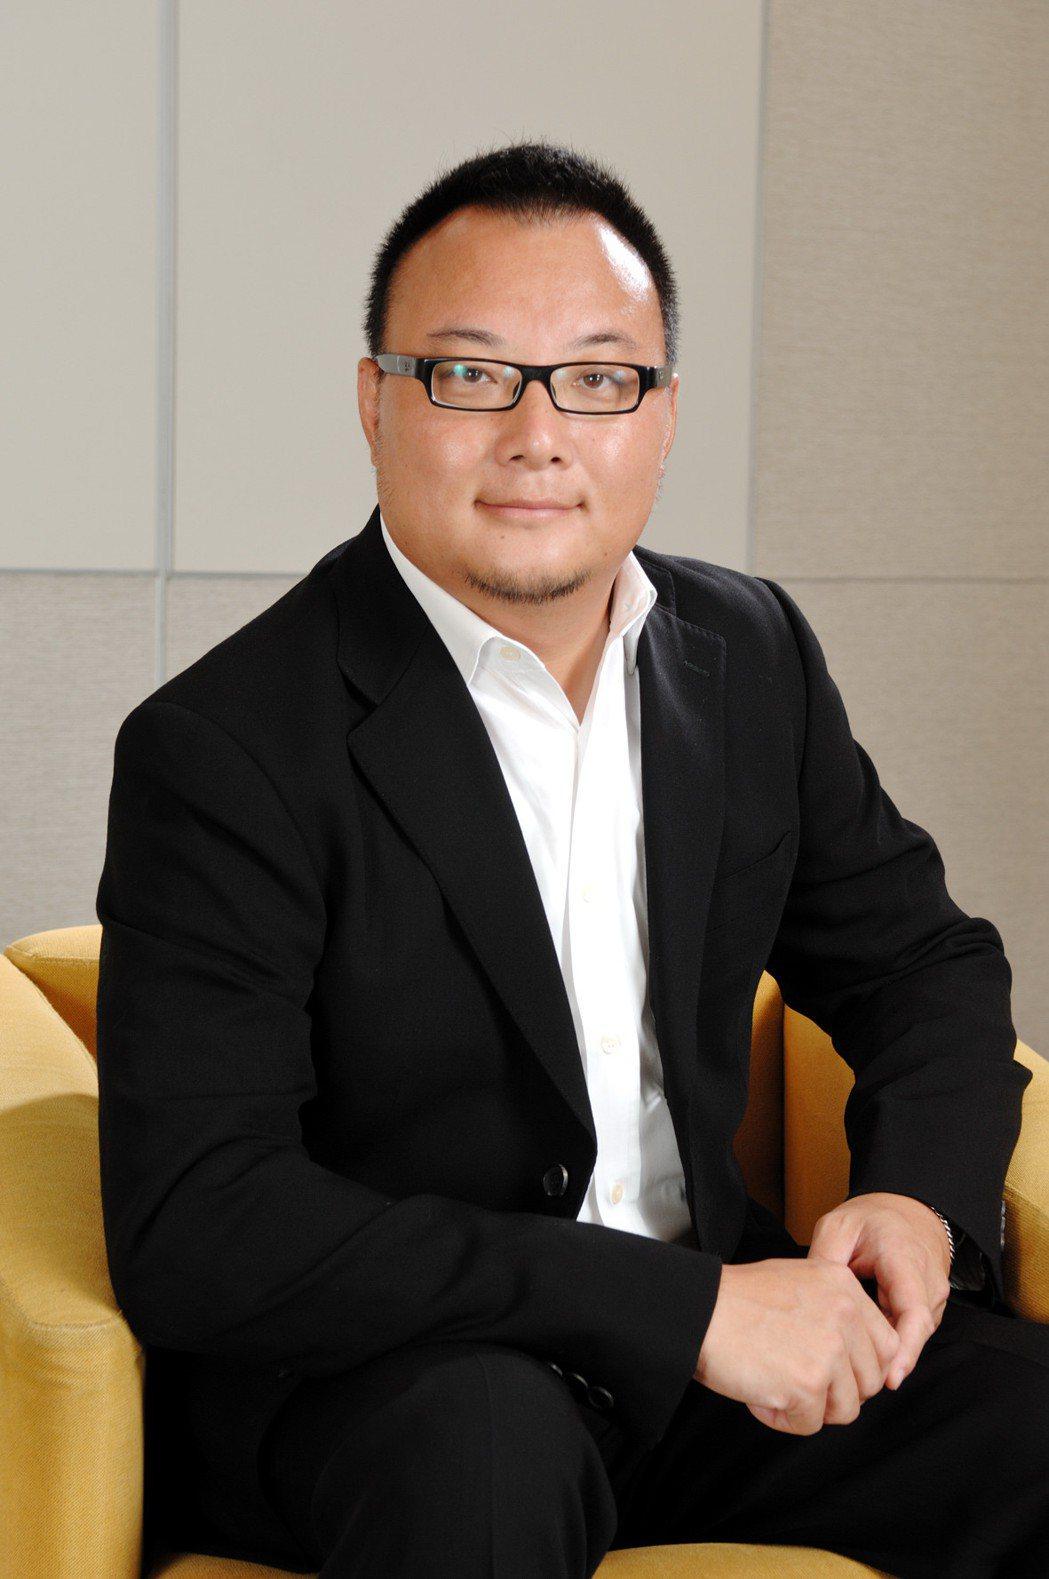 勤業眾信聯合會計師事務所卓越管理企業專案負責人吳志洋執行副總經理。勤業眾信/提供